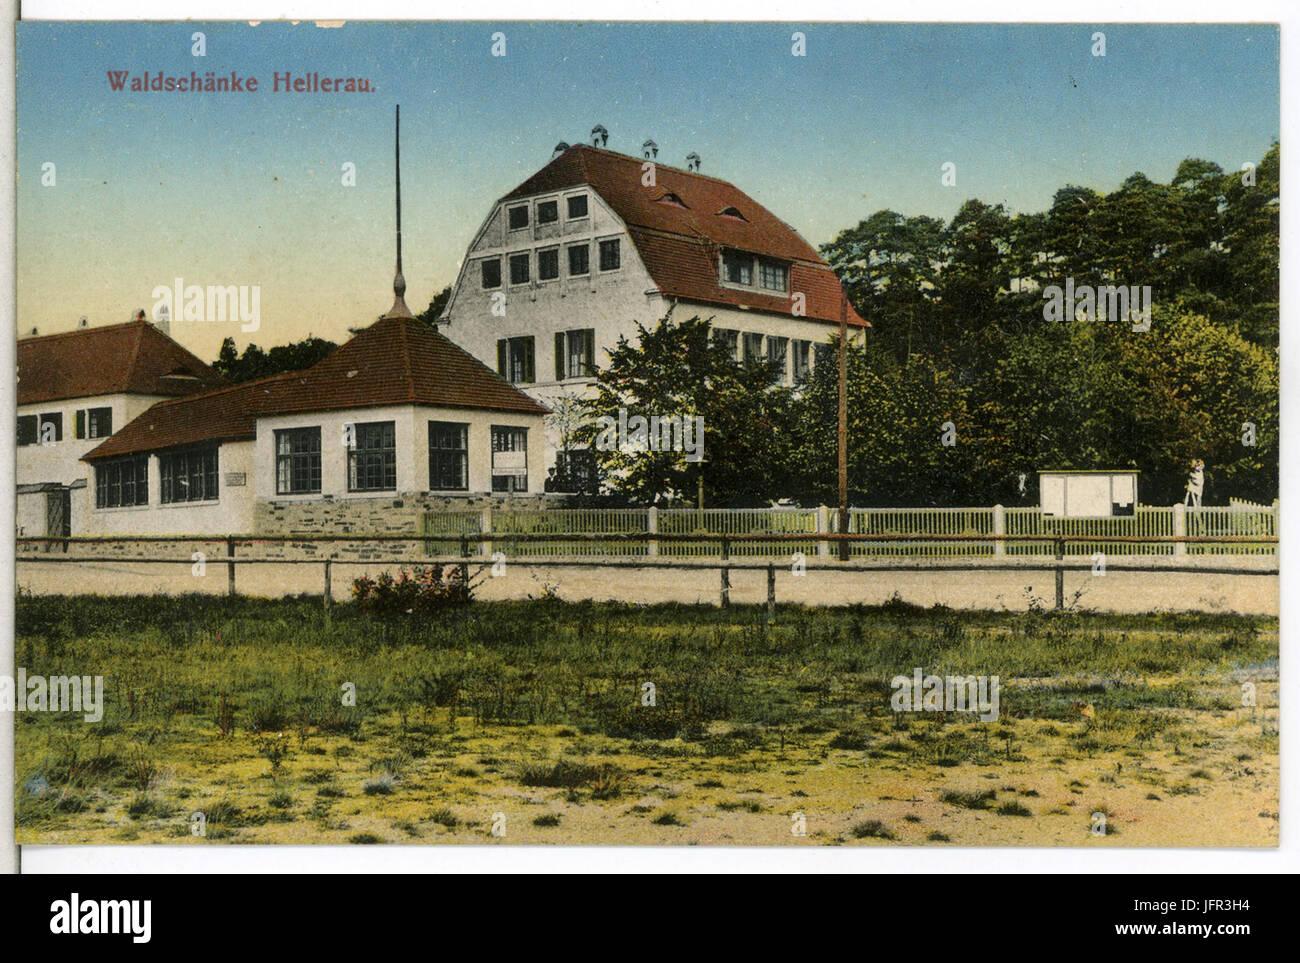 13472-Hellerau-1911-Waldschänke-Brück & Sohn Kunstverlag Stockfoto ...